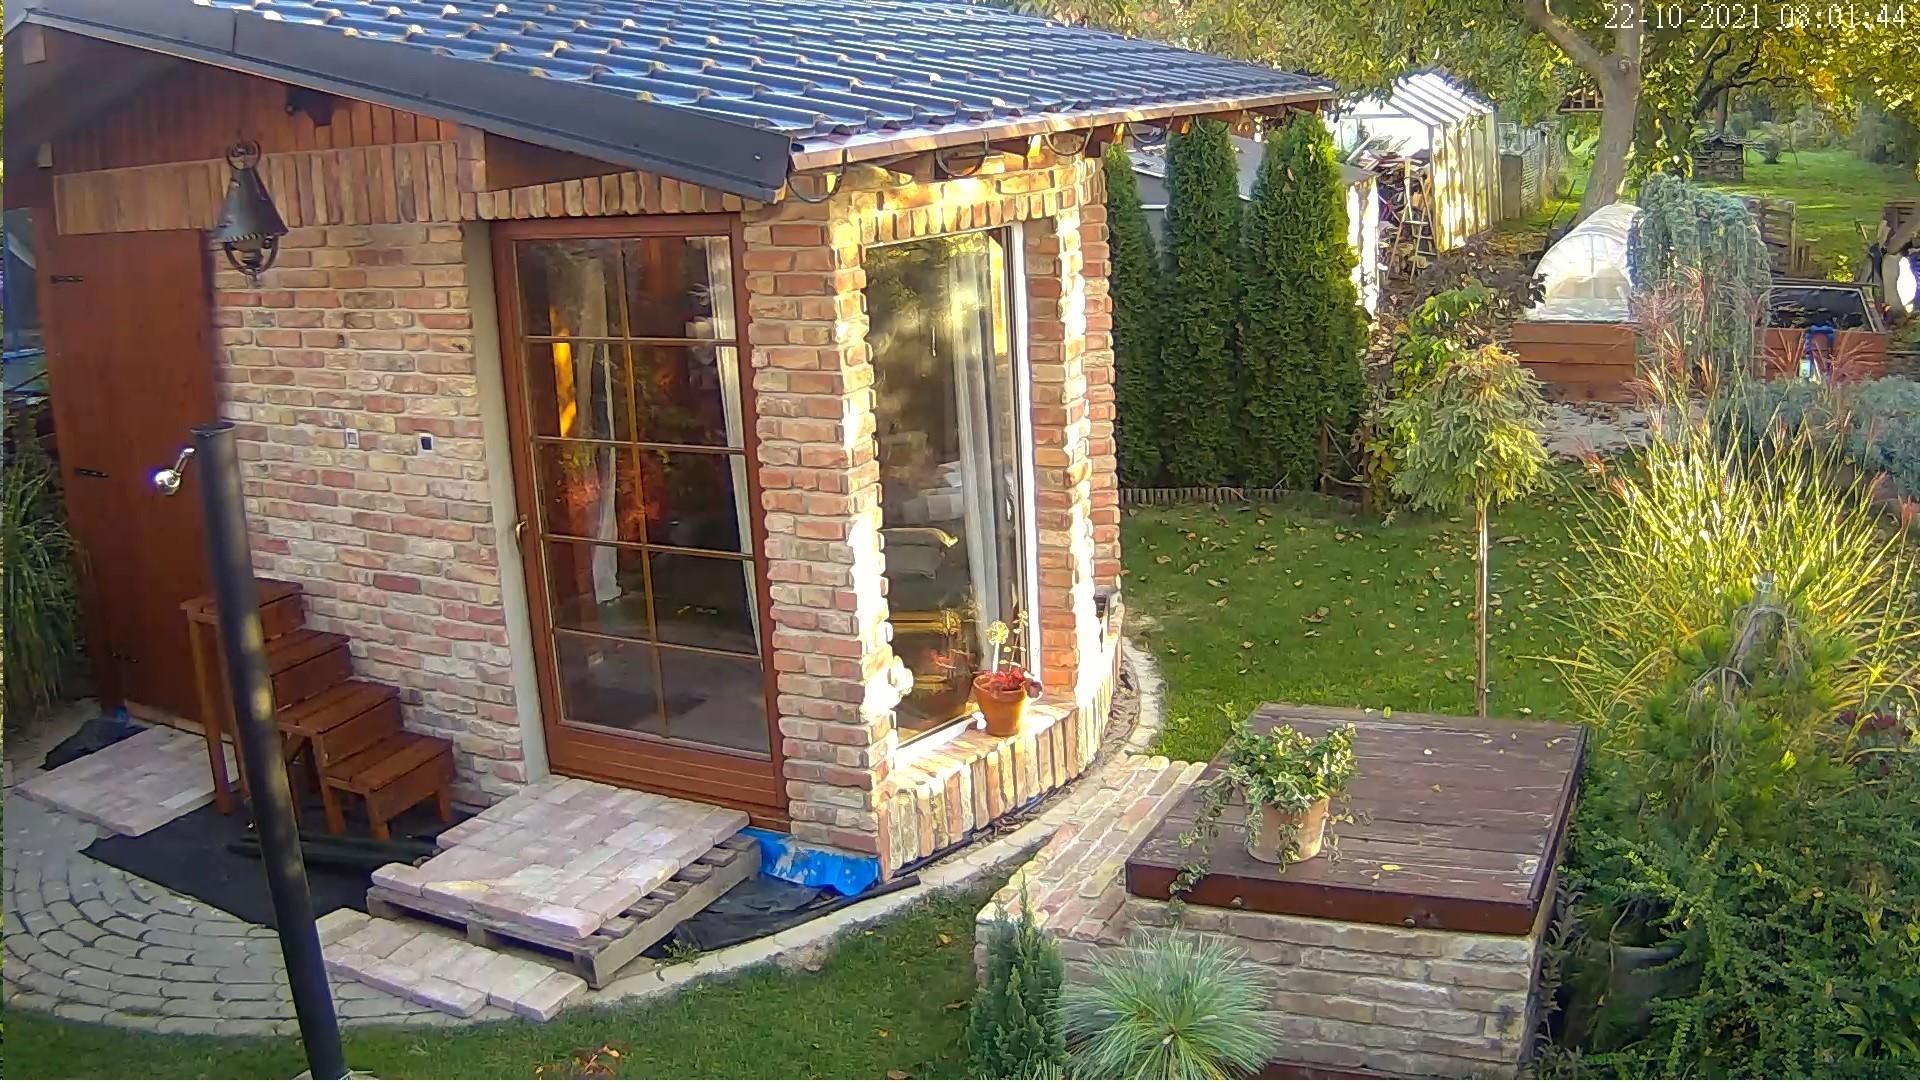 Relaxačný domček sauna a oddychová miestnosť ... plány, príprava a realizácia - také jesenné slnečné ránko .... schody ku kadi dokončené, kaďa ešte nie :D ale, čo nie je dnes, to už zajtra môže byť :)